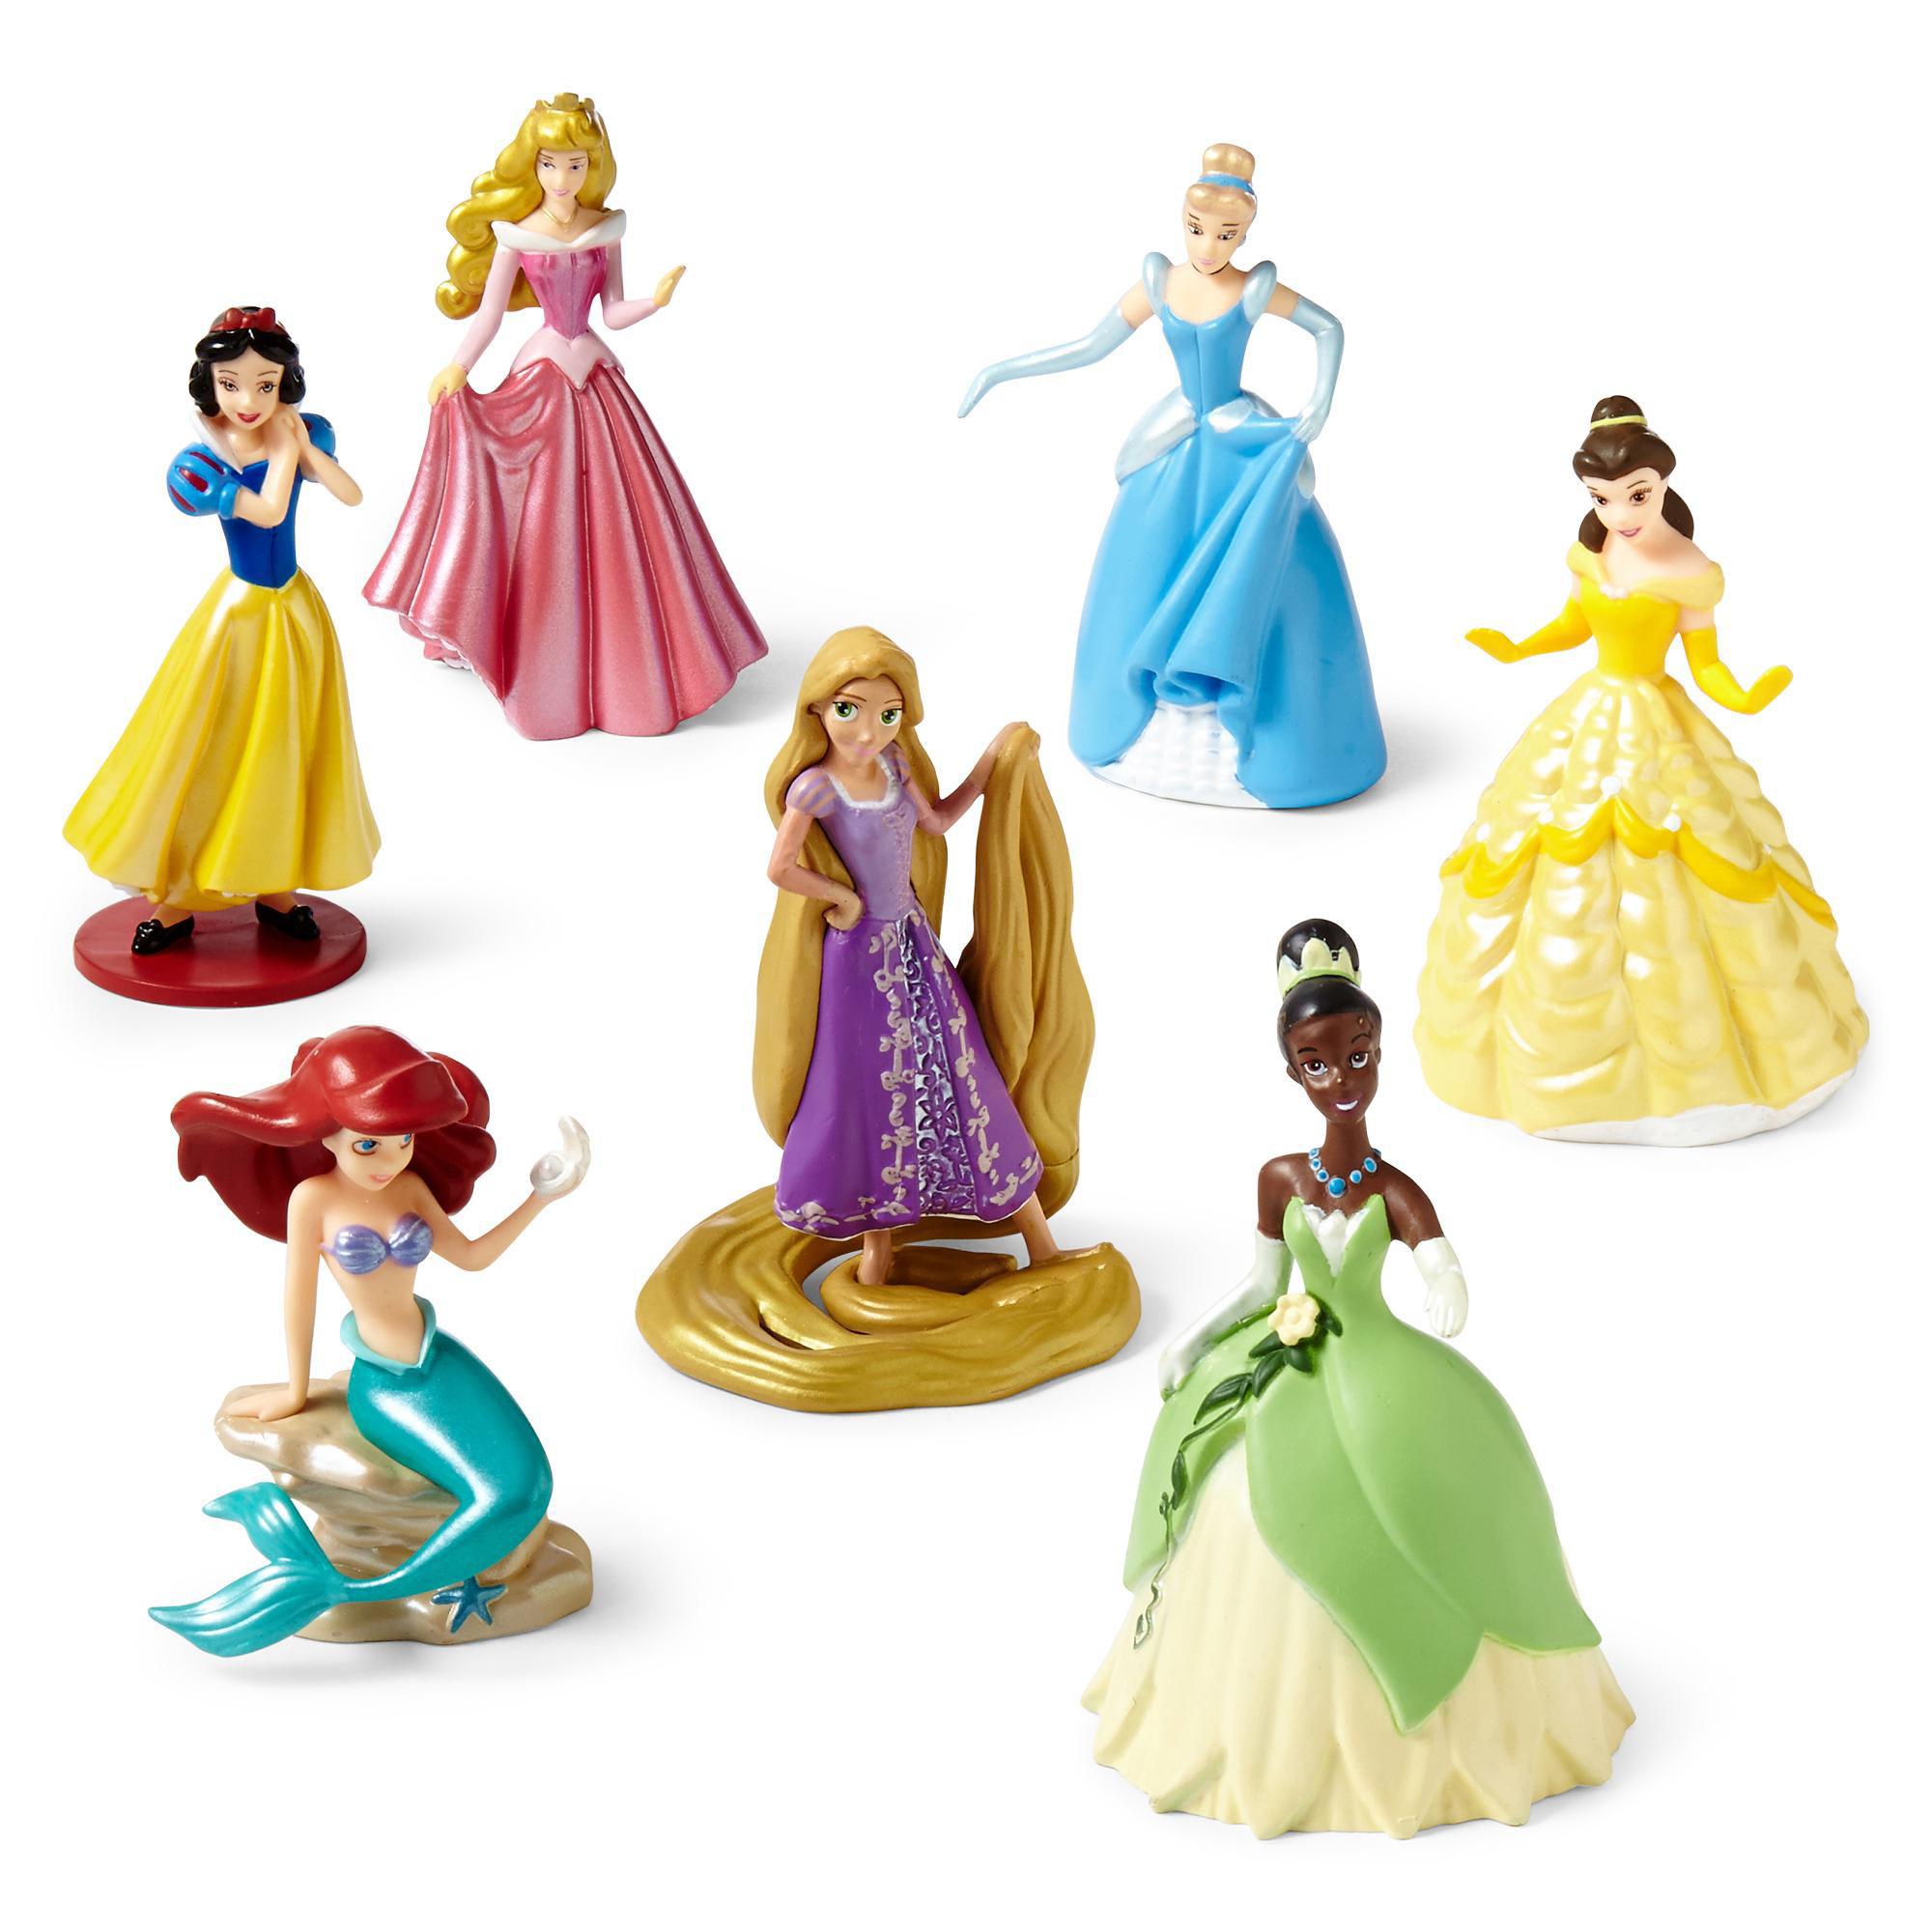 Фигурка принцессы для торта